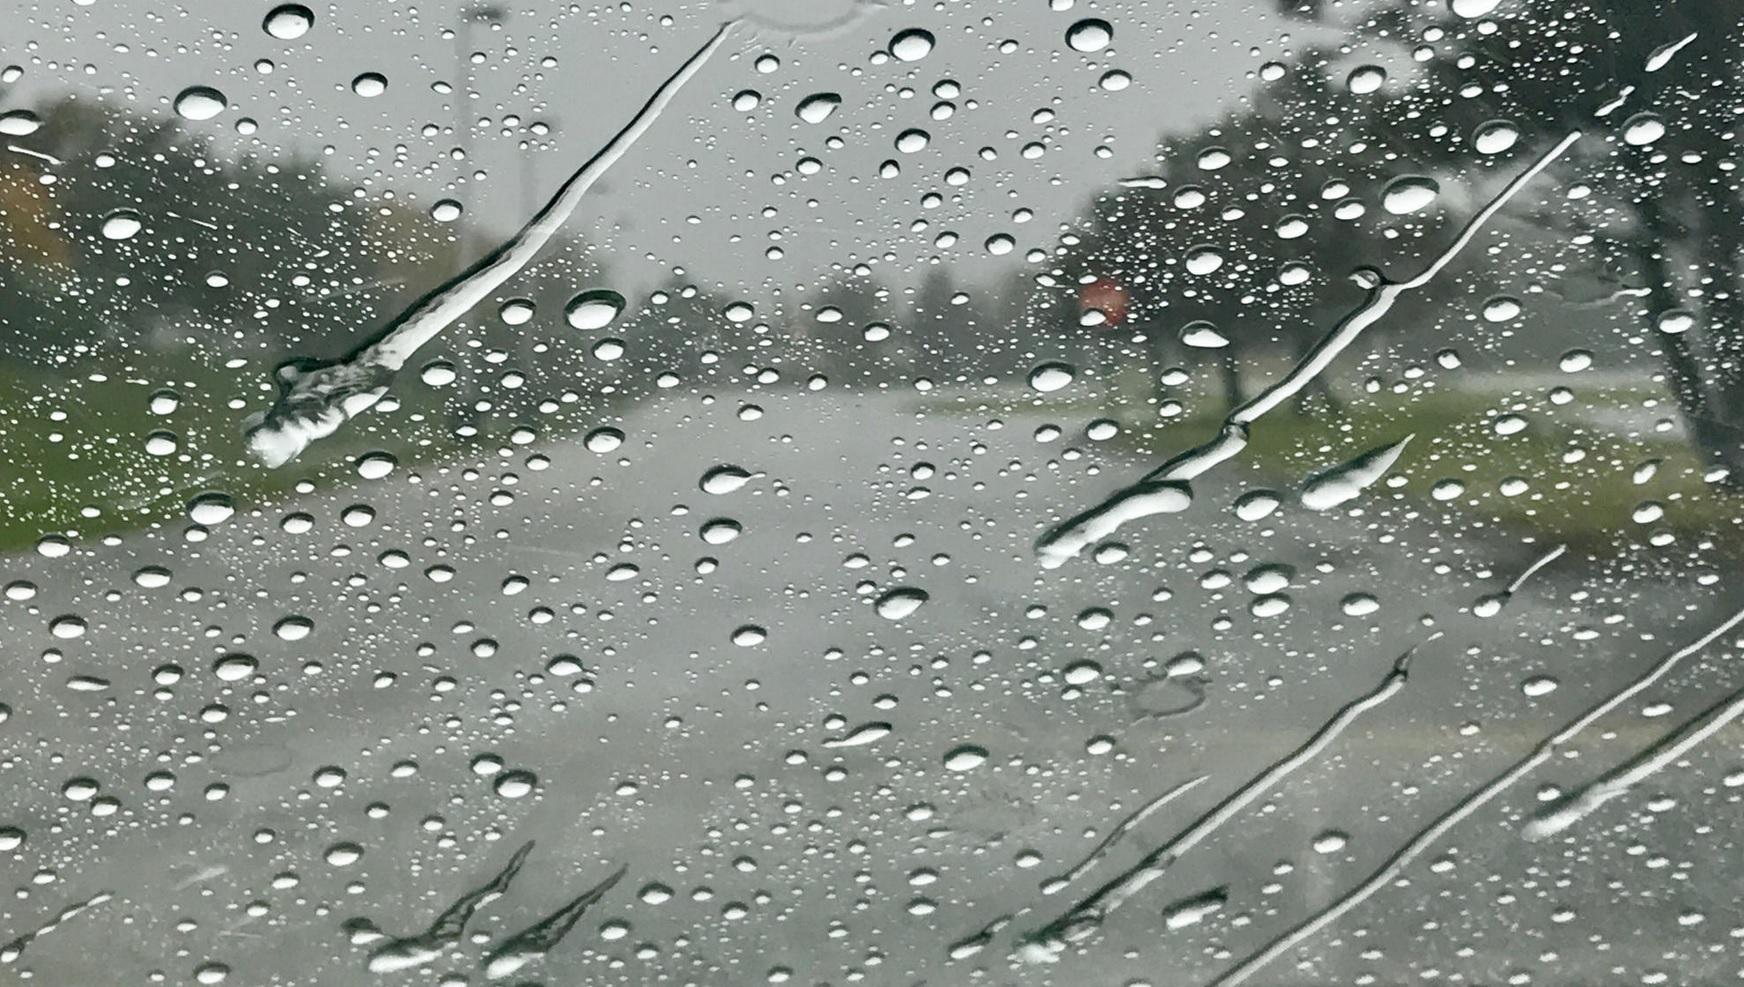 2021-03-20 Raining